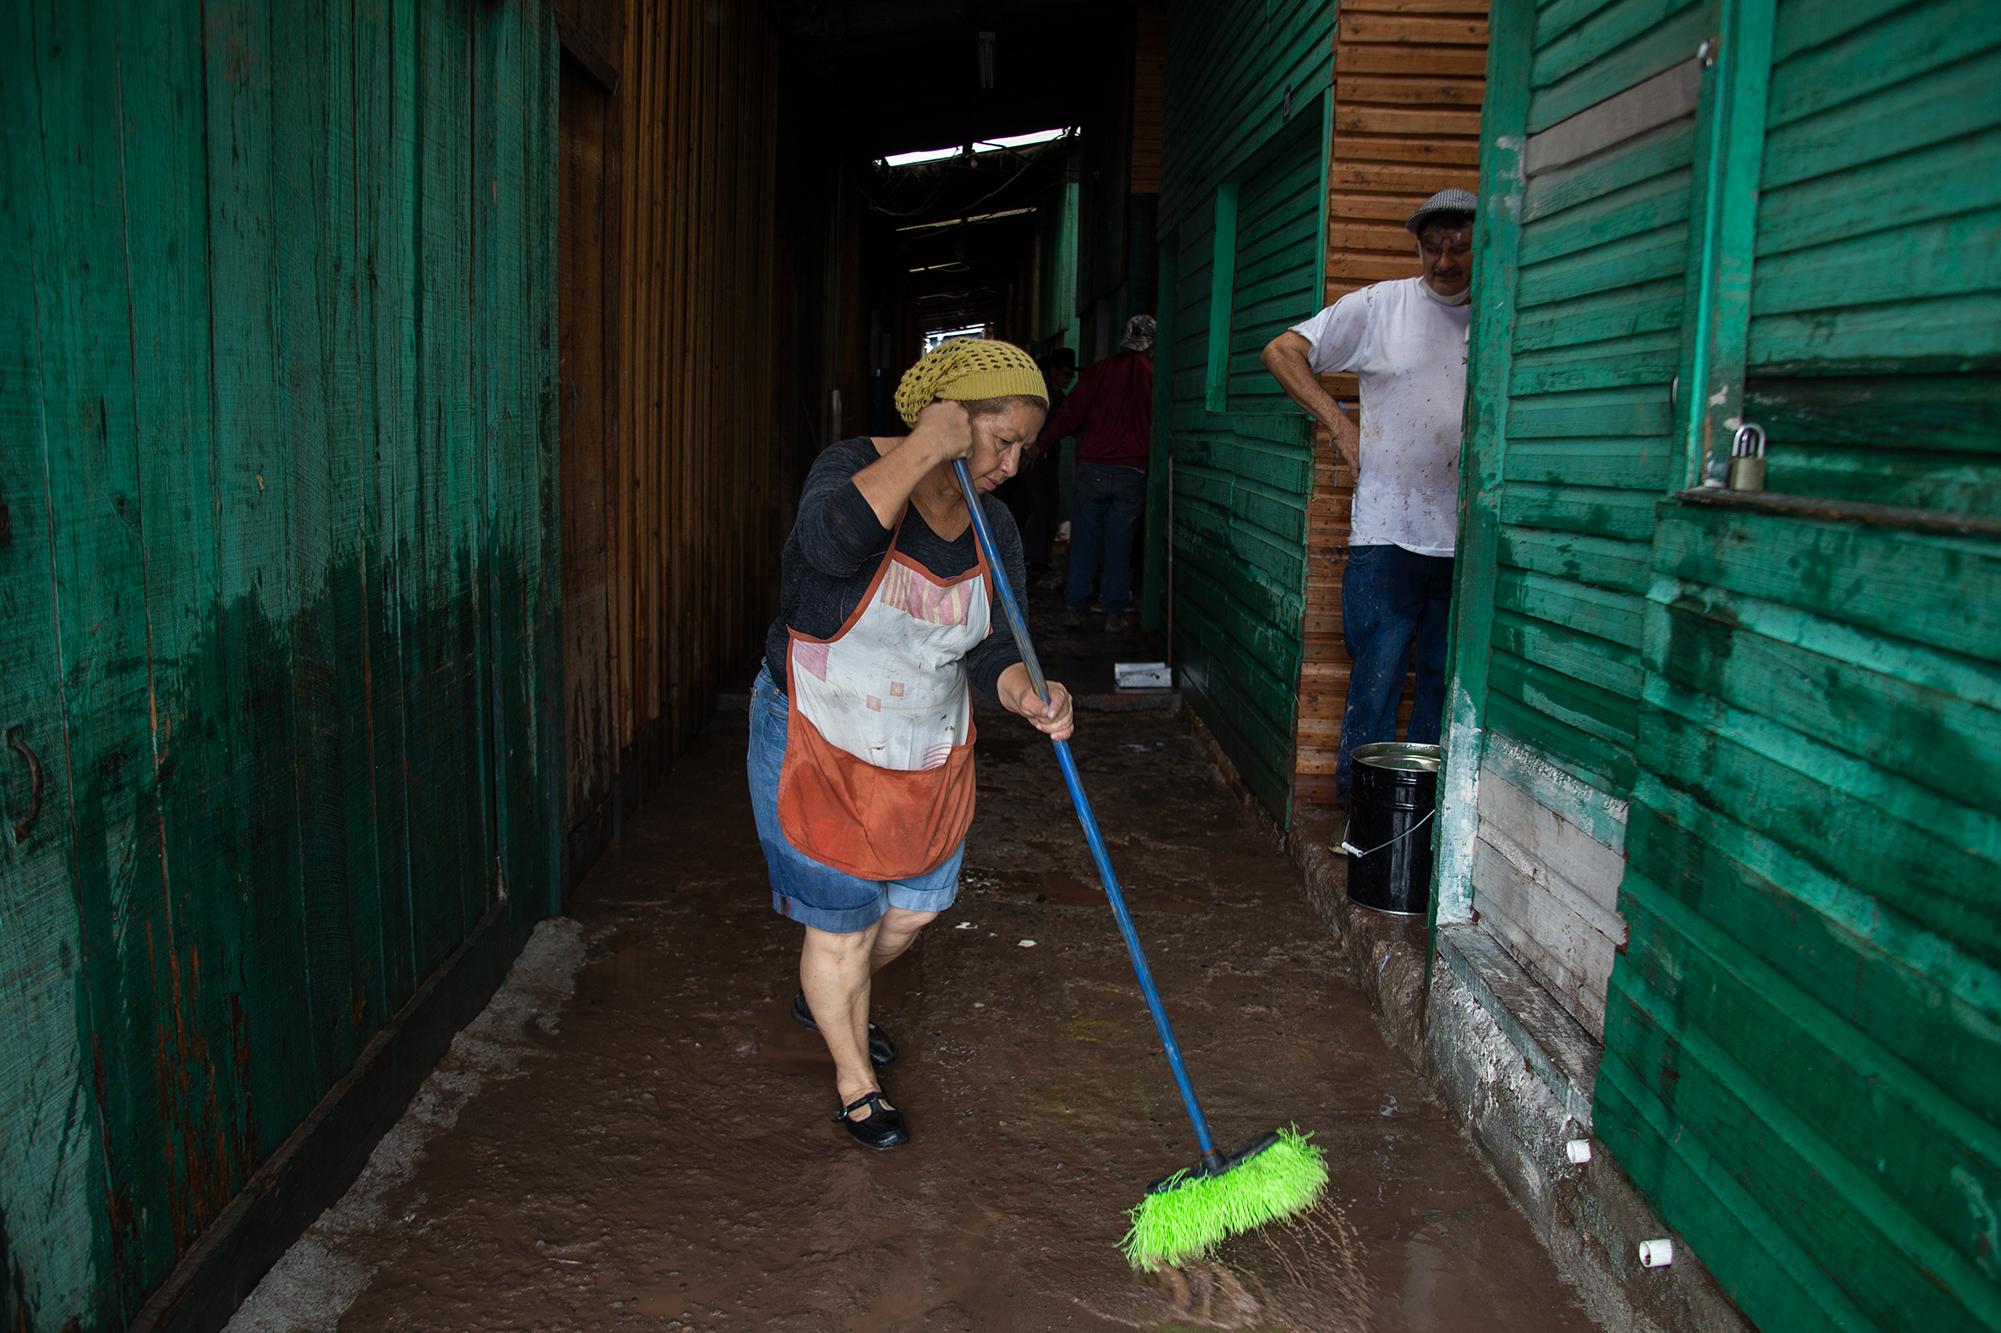 Una mujer barre para sacar el agua en el interior del Mercado Emmanuel que fue inundado por el Río Choluteca tras las constantes lluvias que dejó a su paso la tormenta tropical Eta. Comayagüela, 5 de noviembre de 2020. Foto: Martín Cálix.